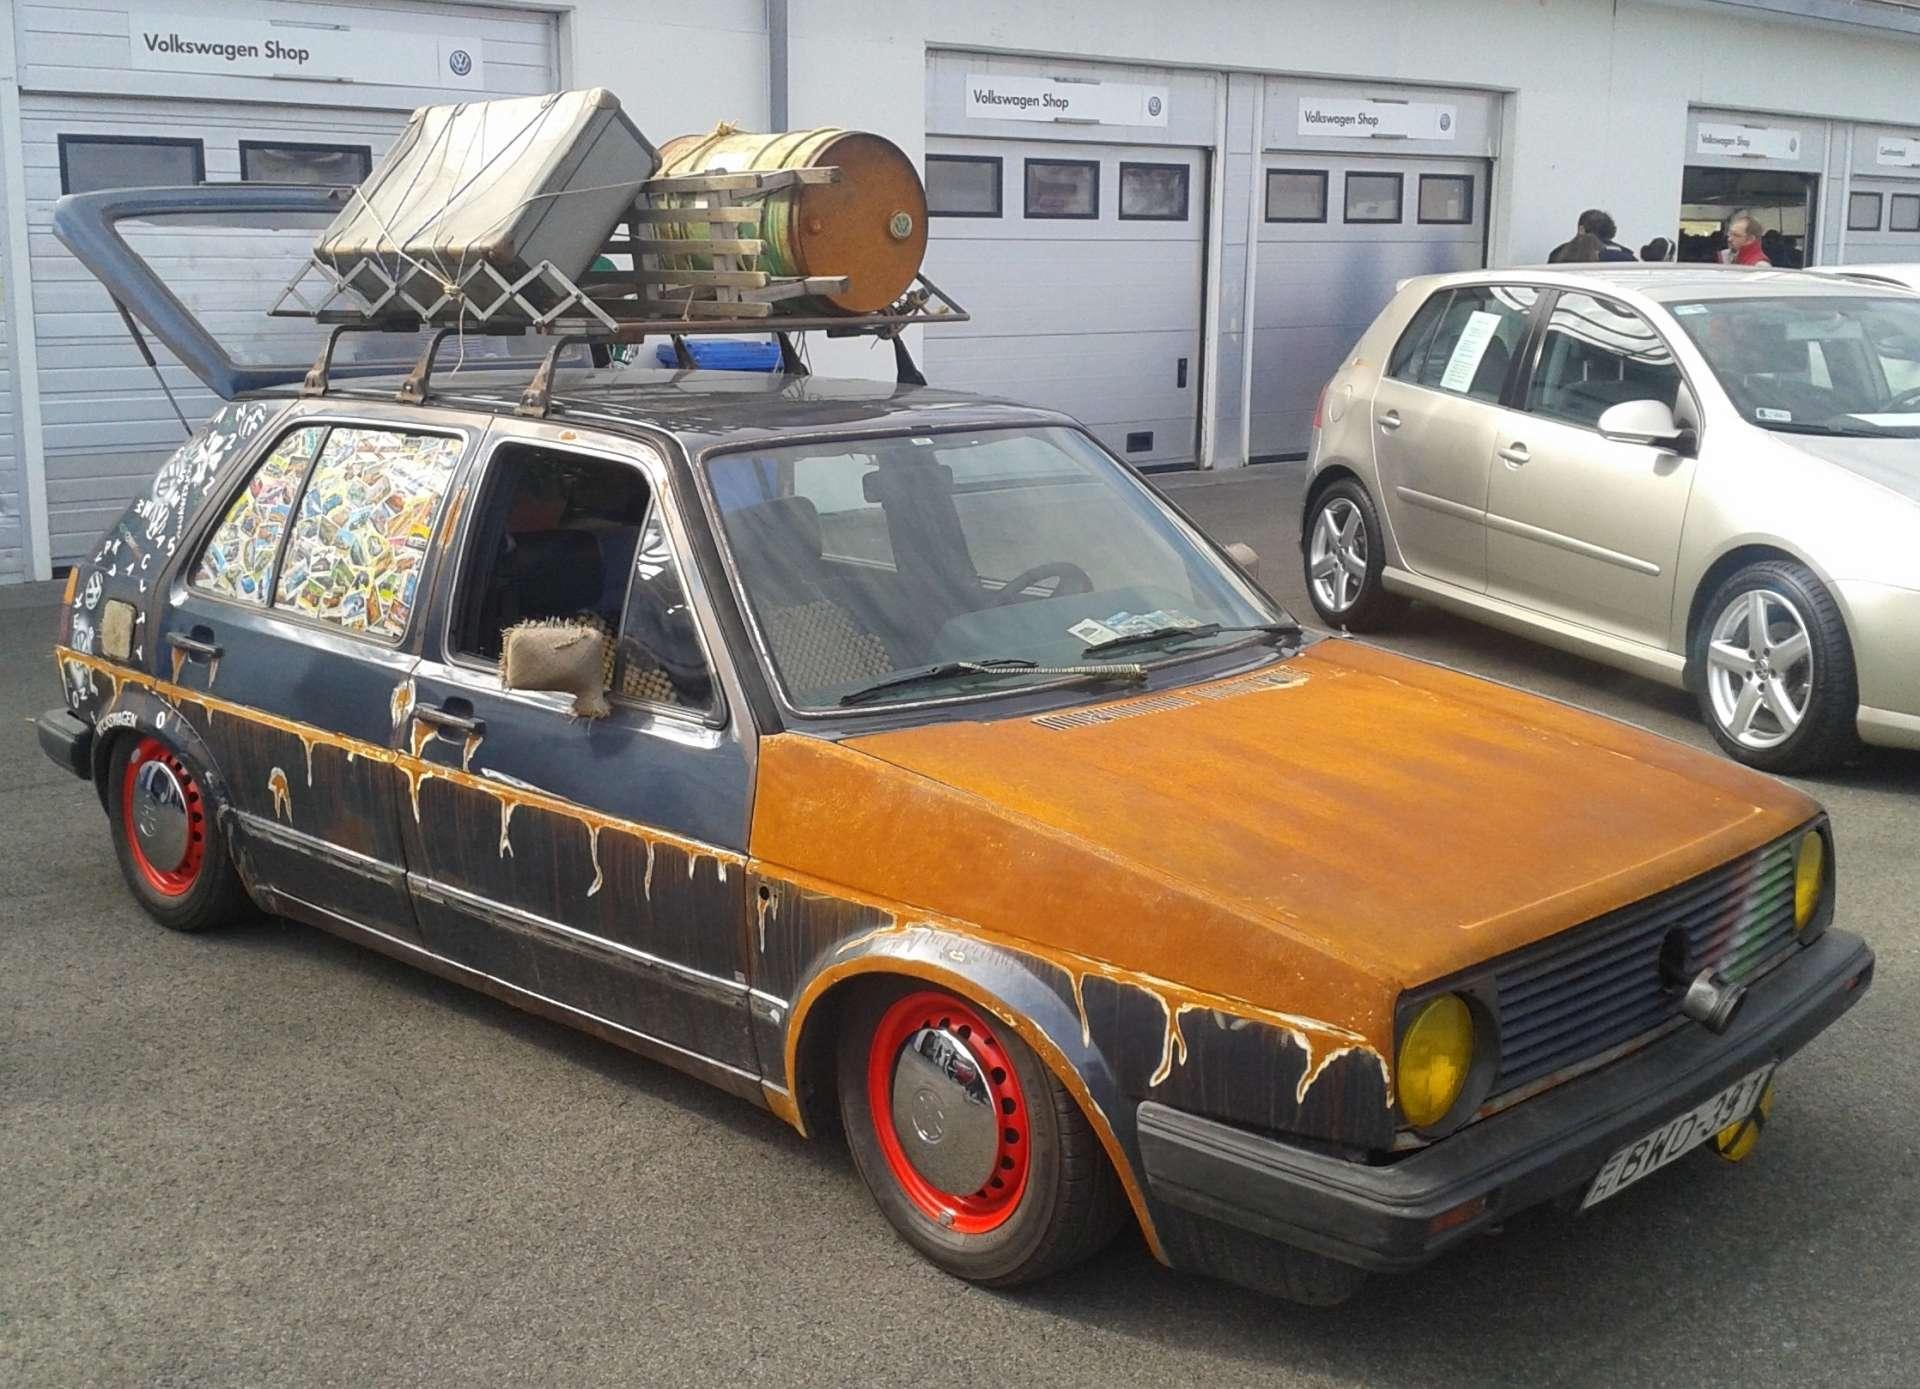 Volkswagen Golf 2 Rat Look - Különleges autók 60730cbad8